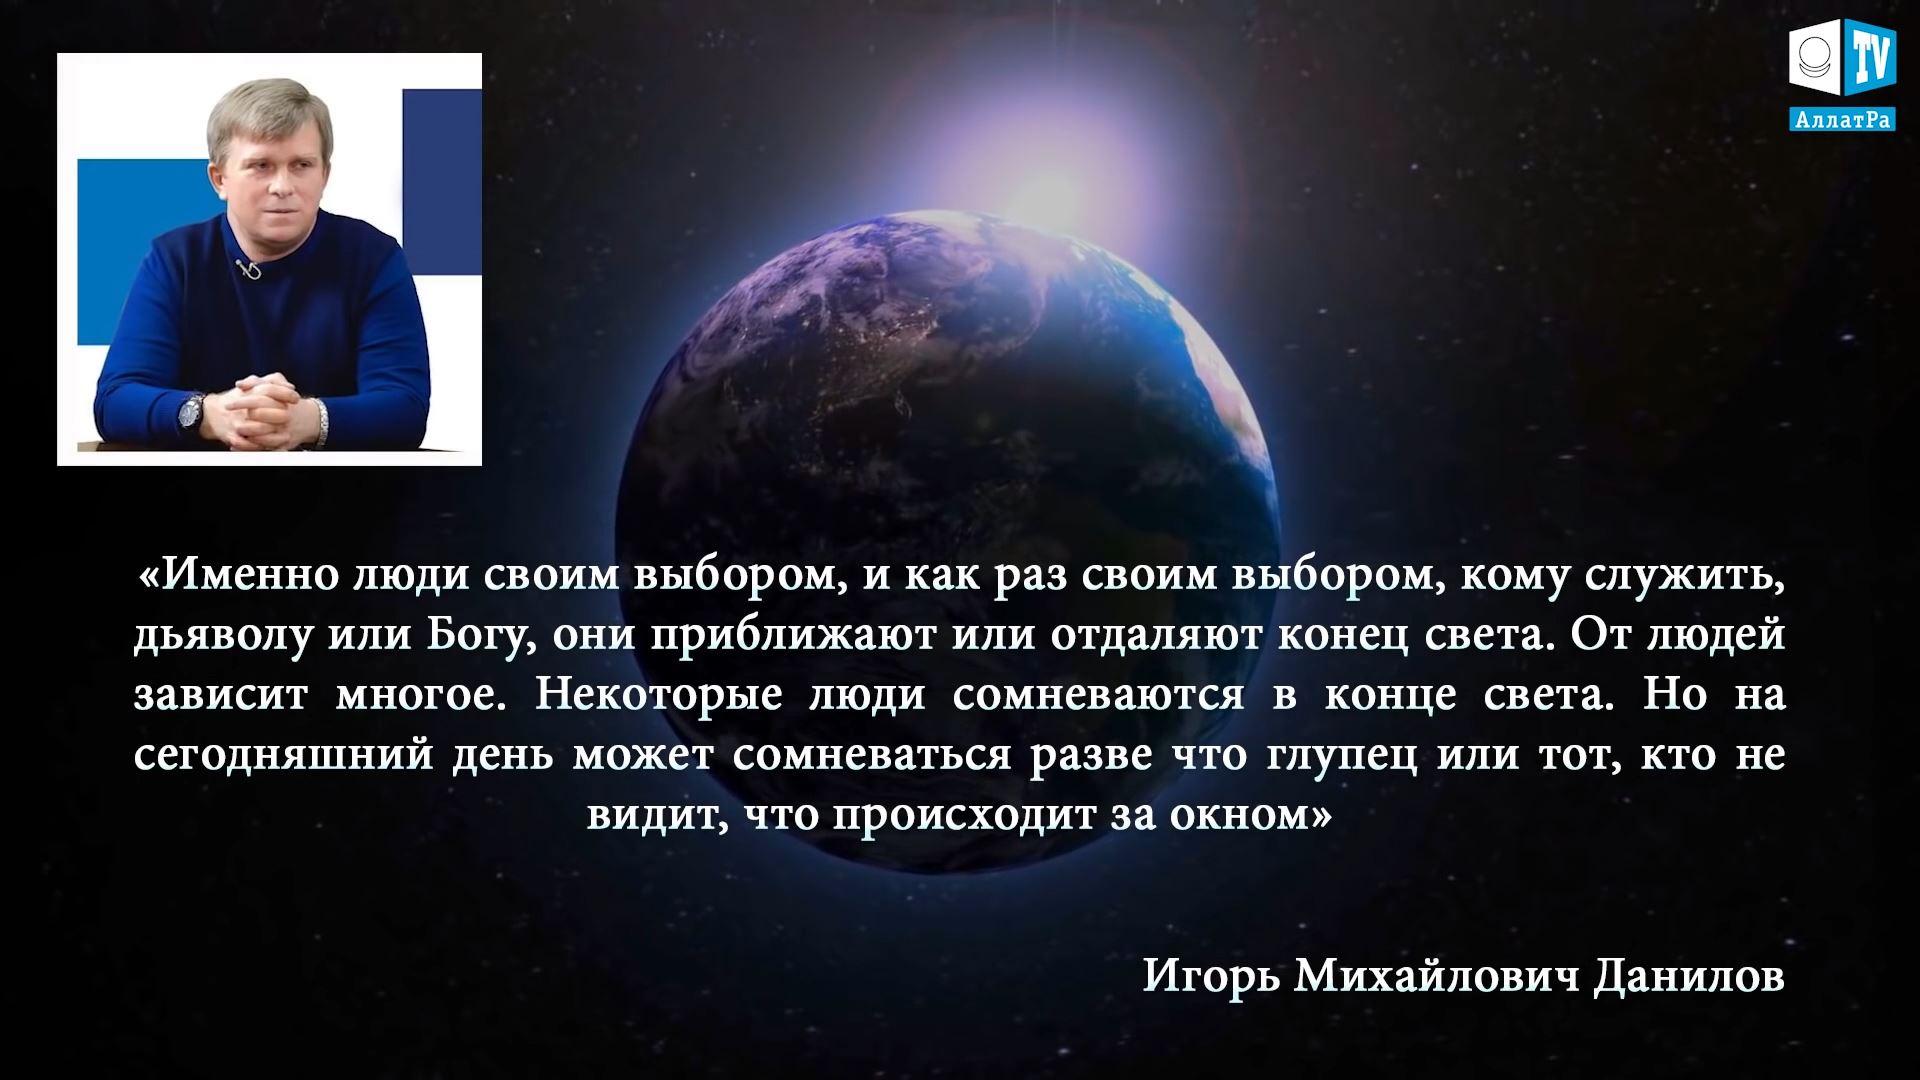 Игорь Михайлович Данилов фото